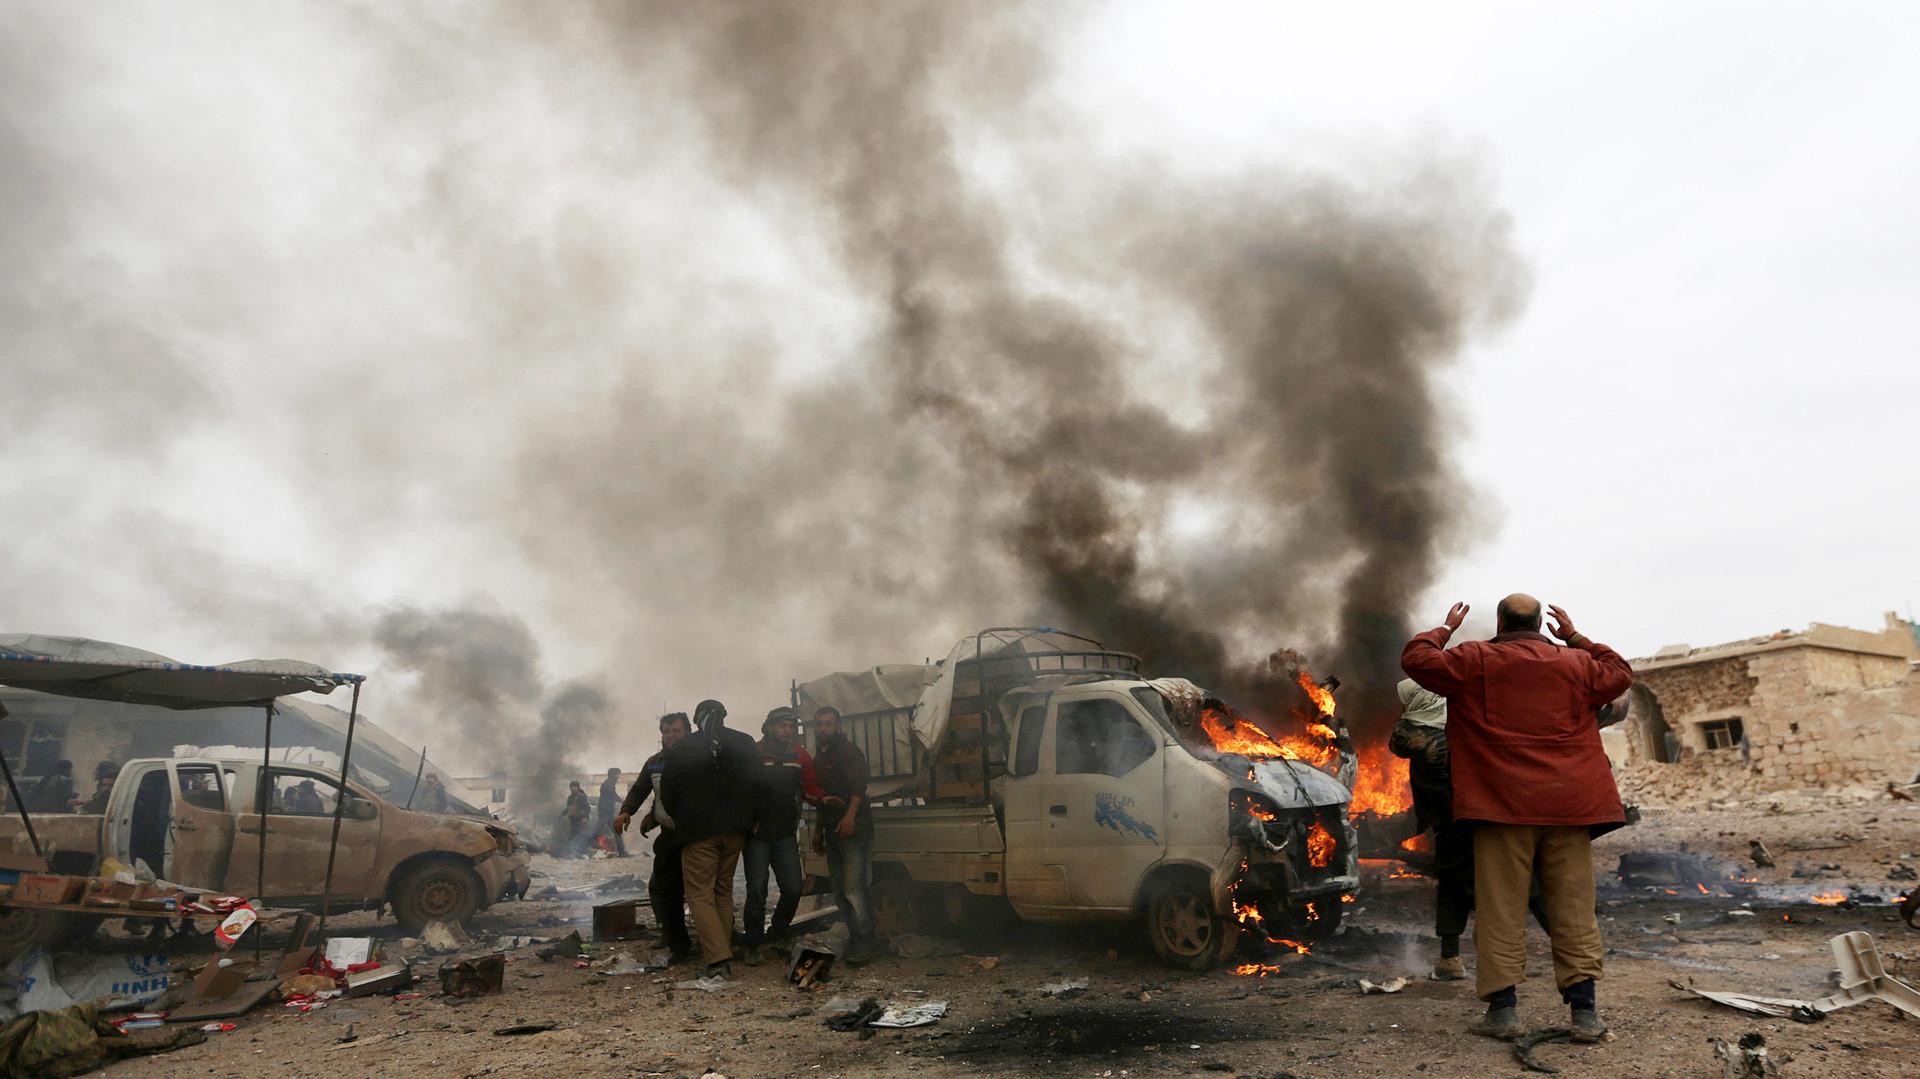 Число погибших при взрыве в пригороде сирийского Эль-Баба возросло до 41